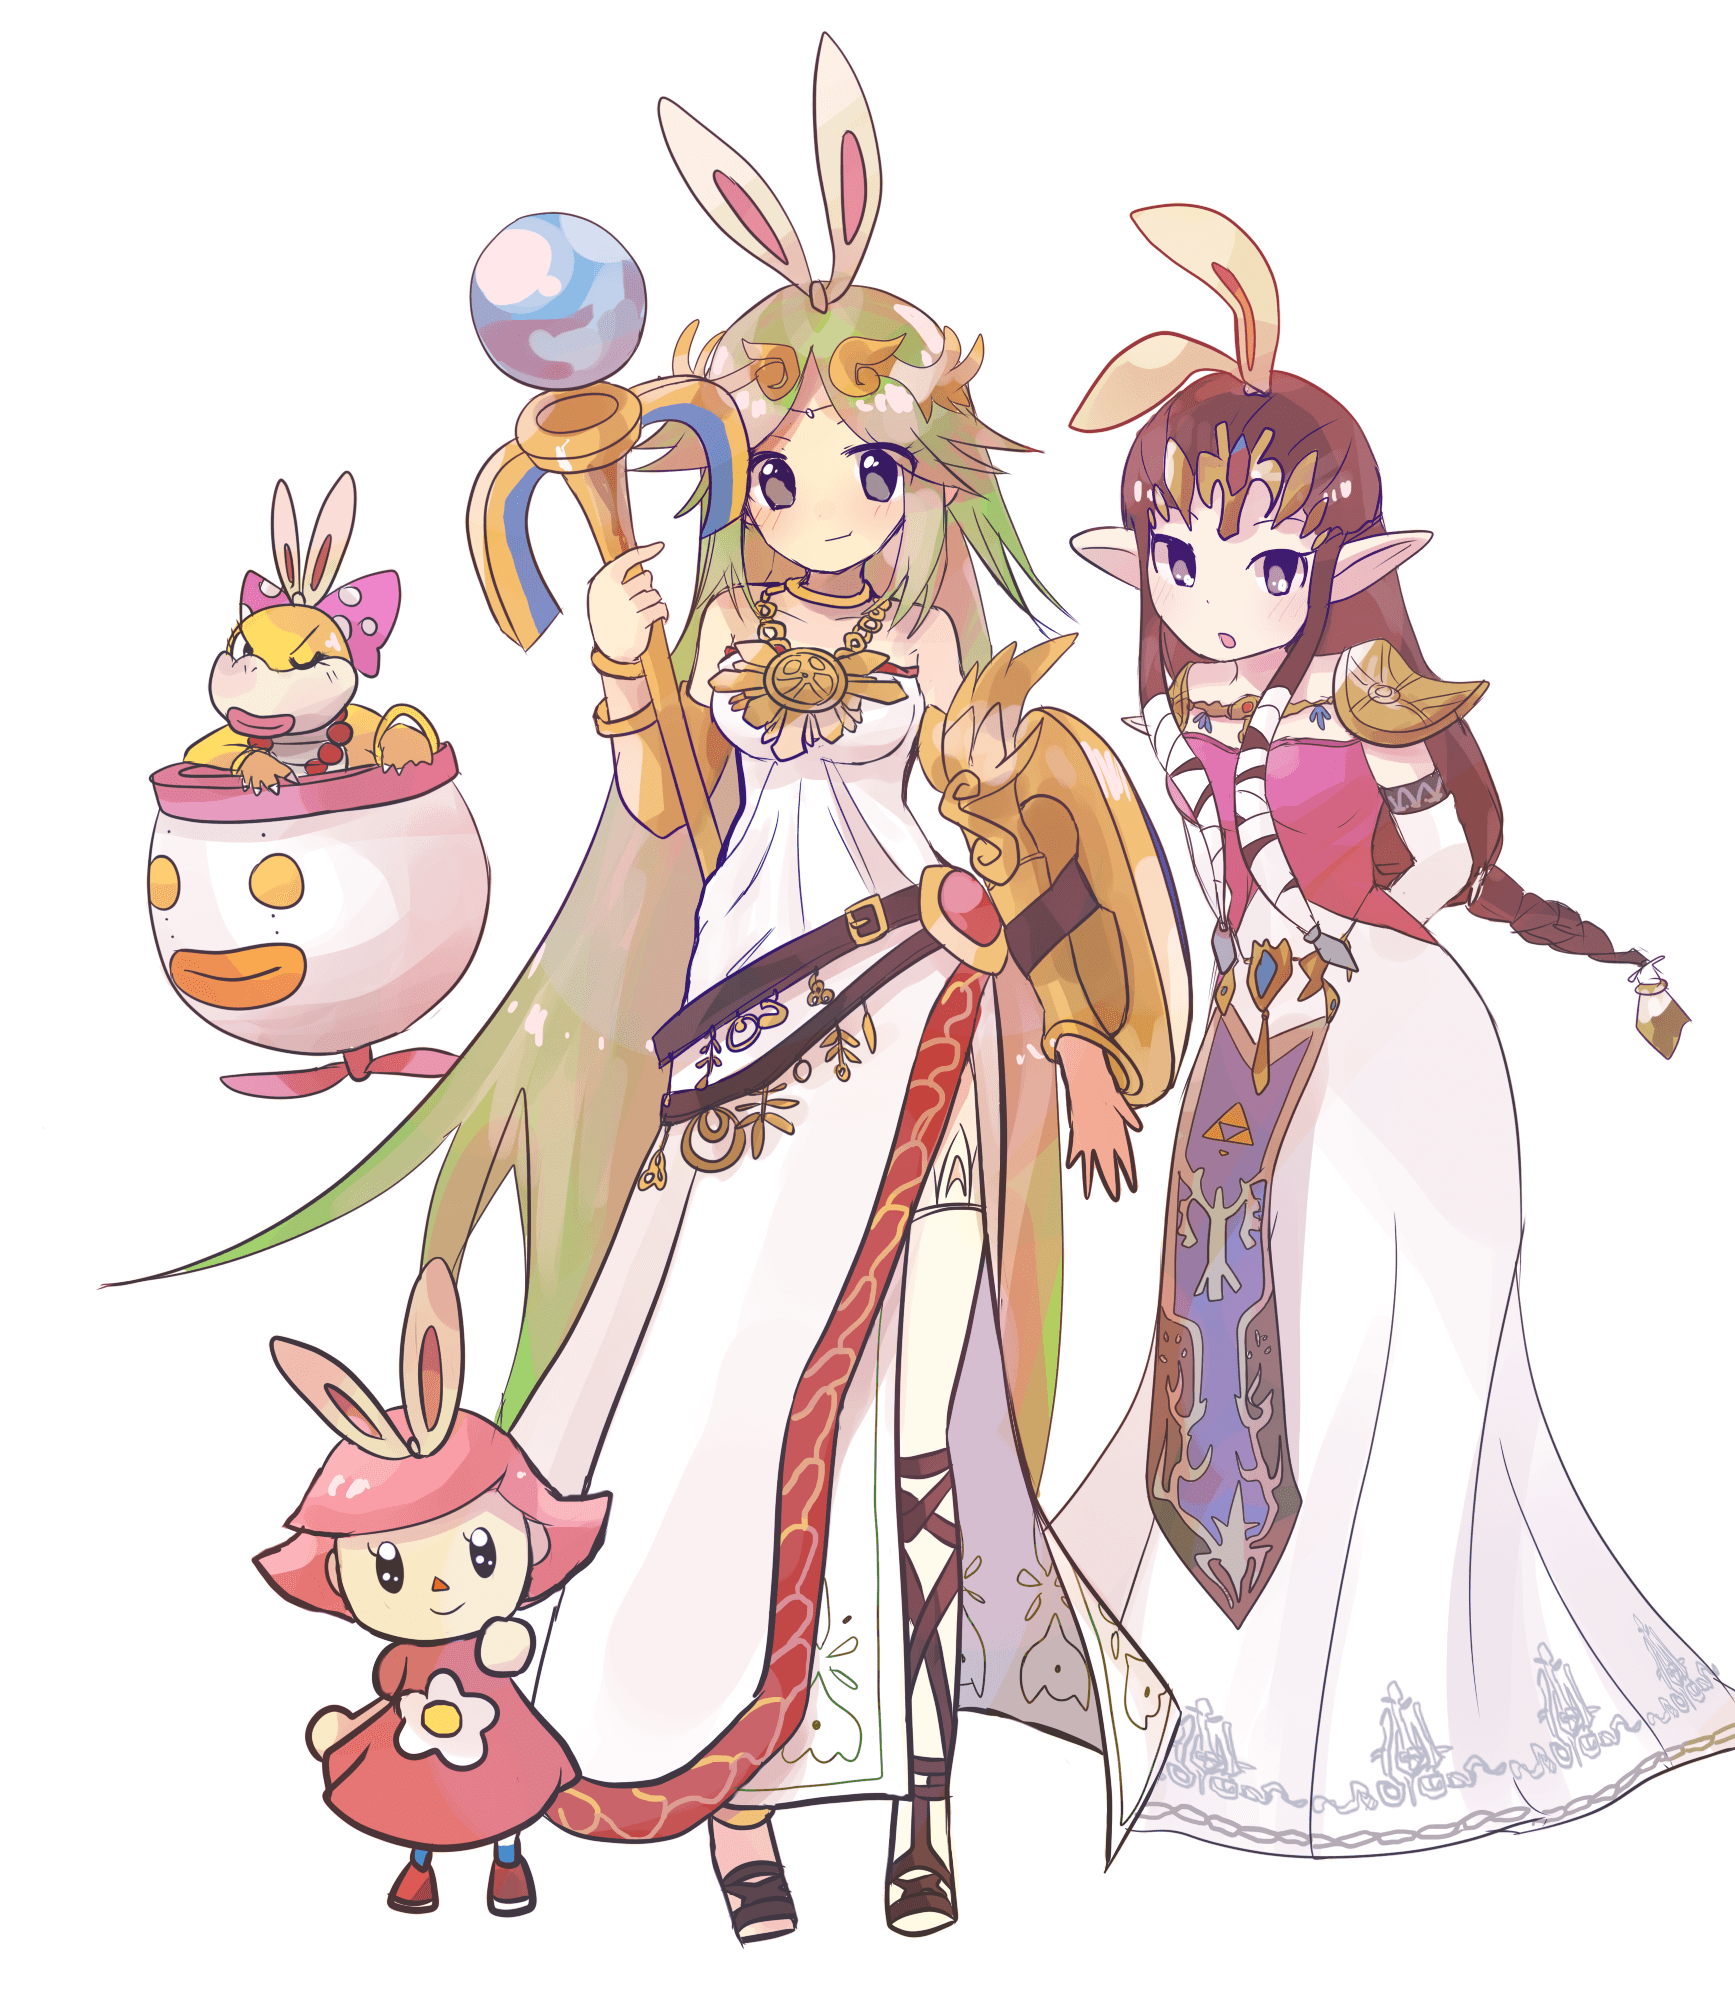 Smash Bros artwork  by  Obikichi .